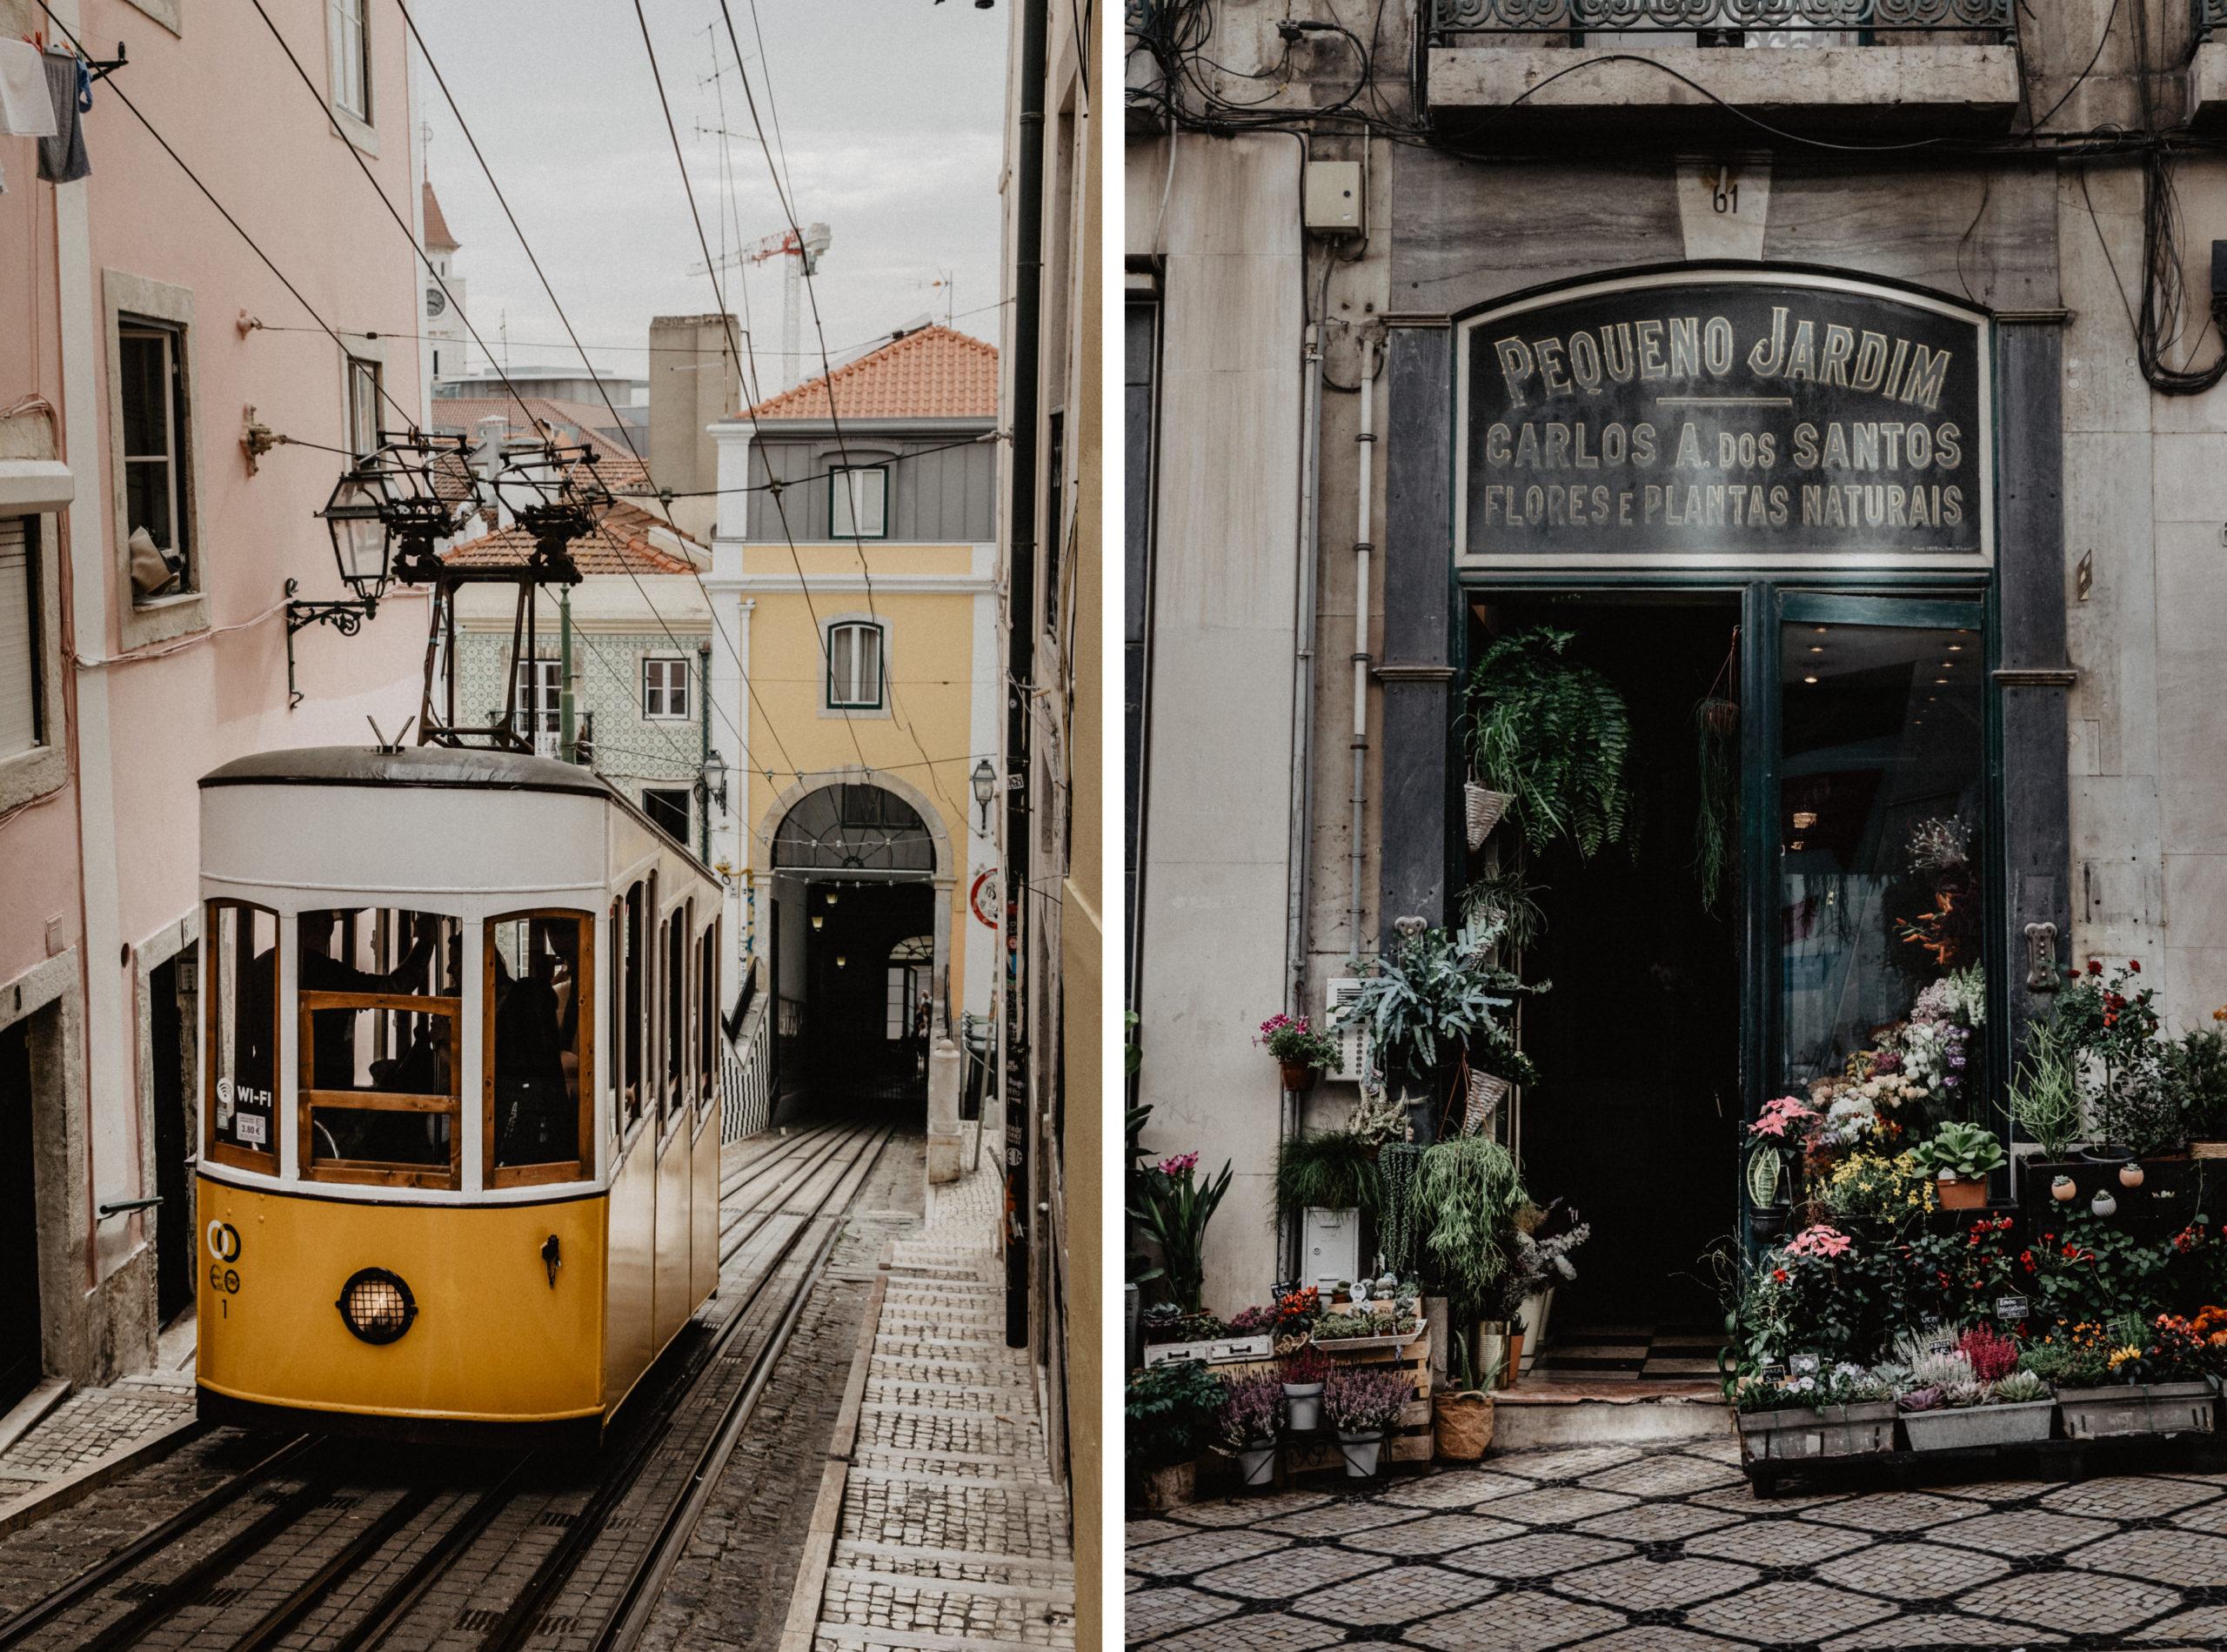 Sehenswürdigkeiten Highlight in Lissabon Straßenbahn Linie 28 Tram